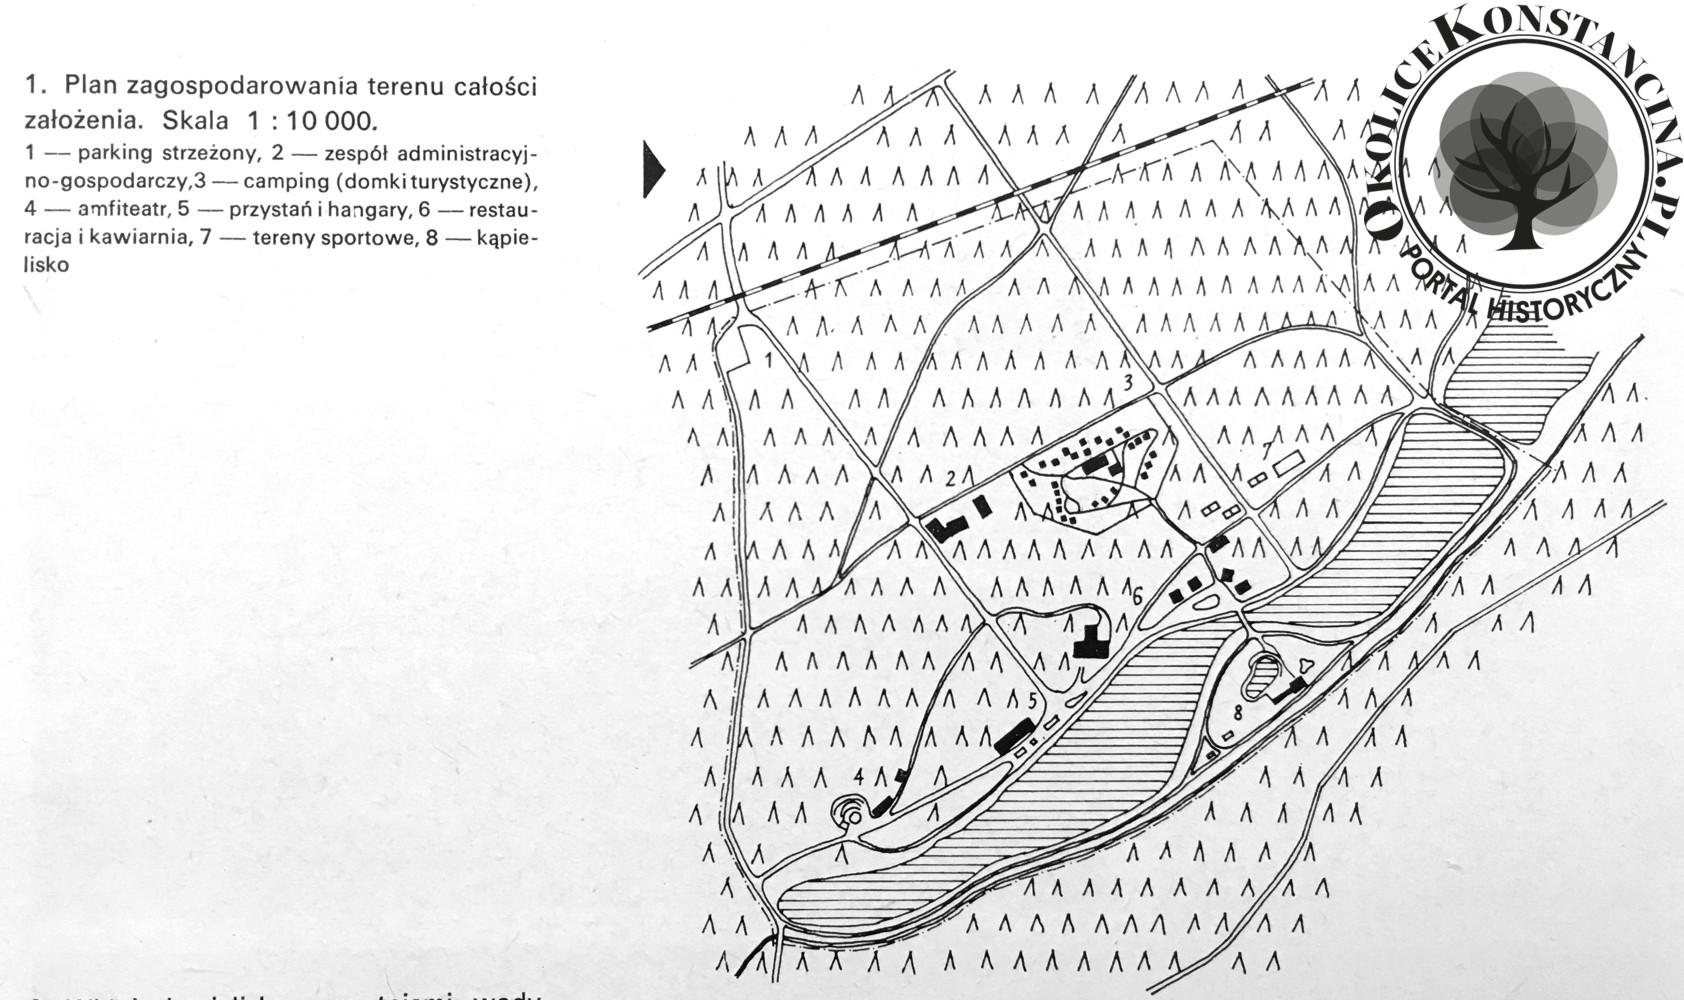 Plan ośrodka - 1961 r. (zbiory A.Zyszczyk)